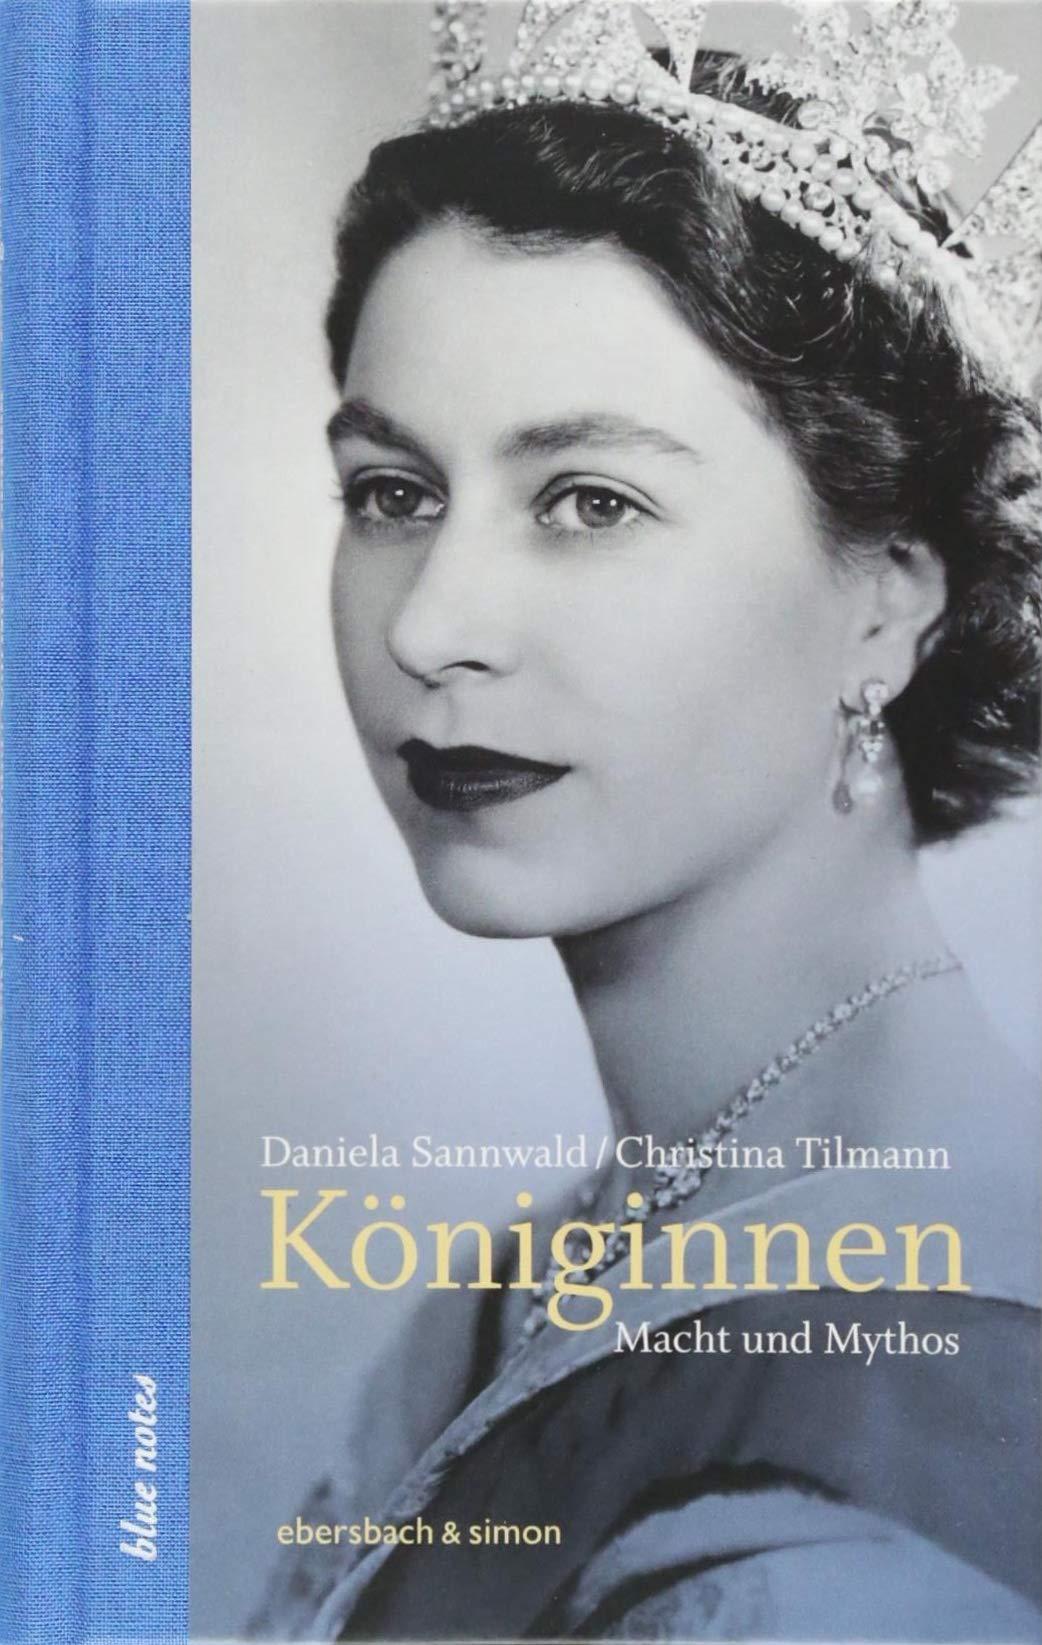 """""""Königinnen: Macht und Mythos""""  von Daniela Sannwald und Christina Tilmann, Ebersbach & Simon,  hier bestellen   ©PR"""